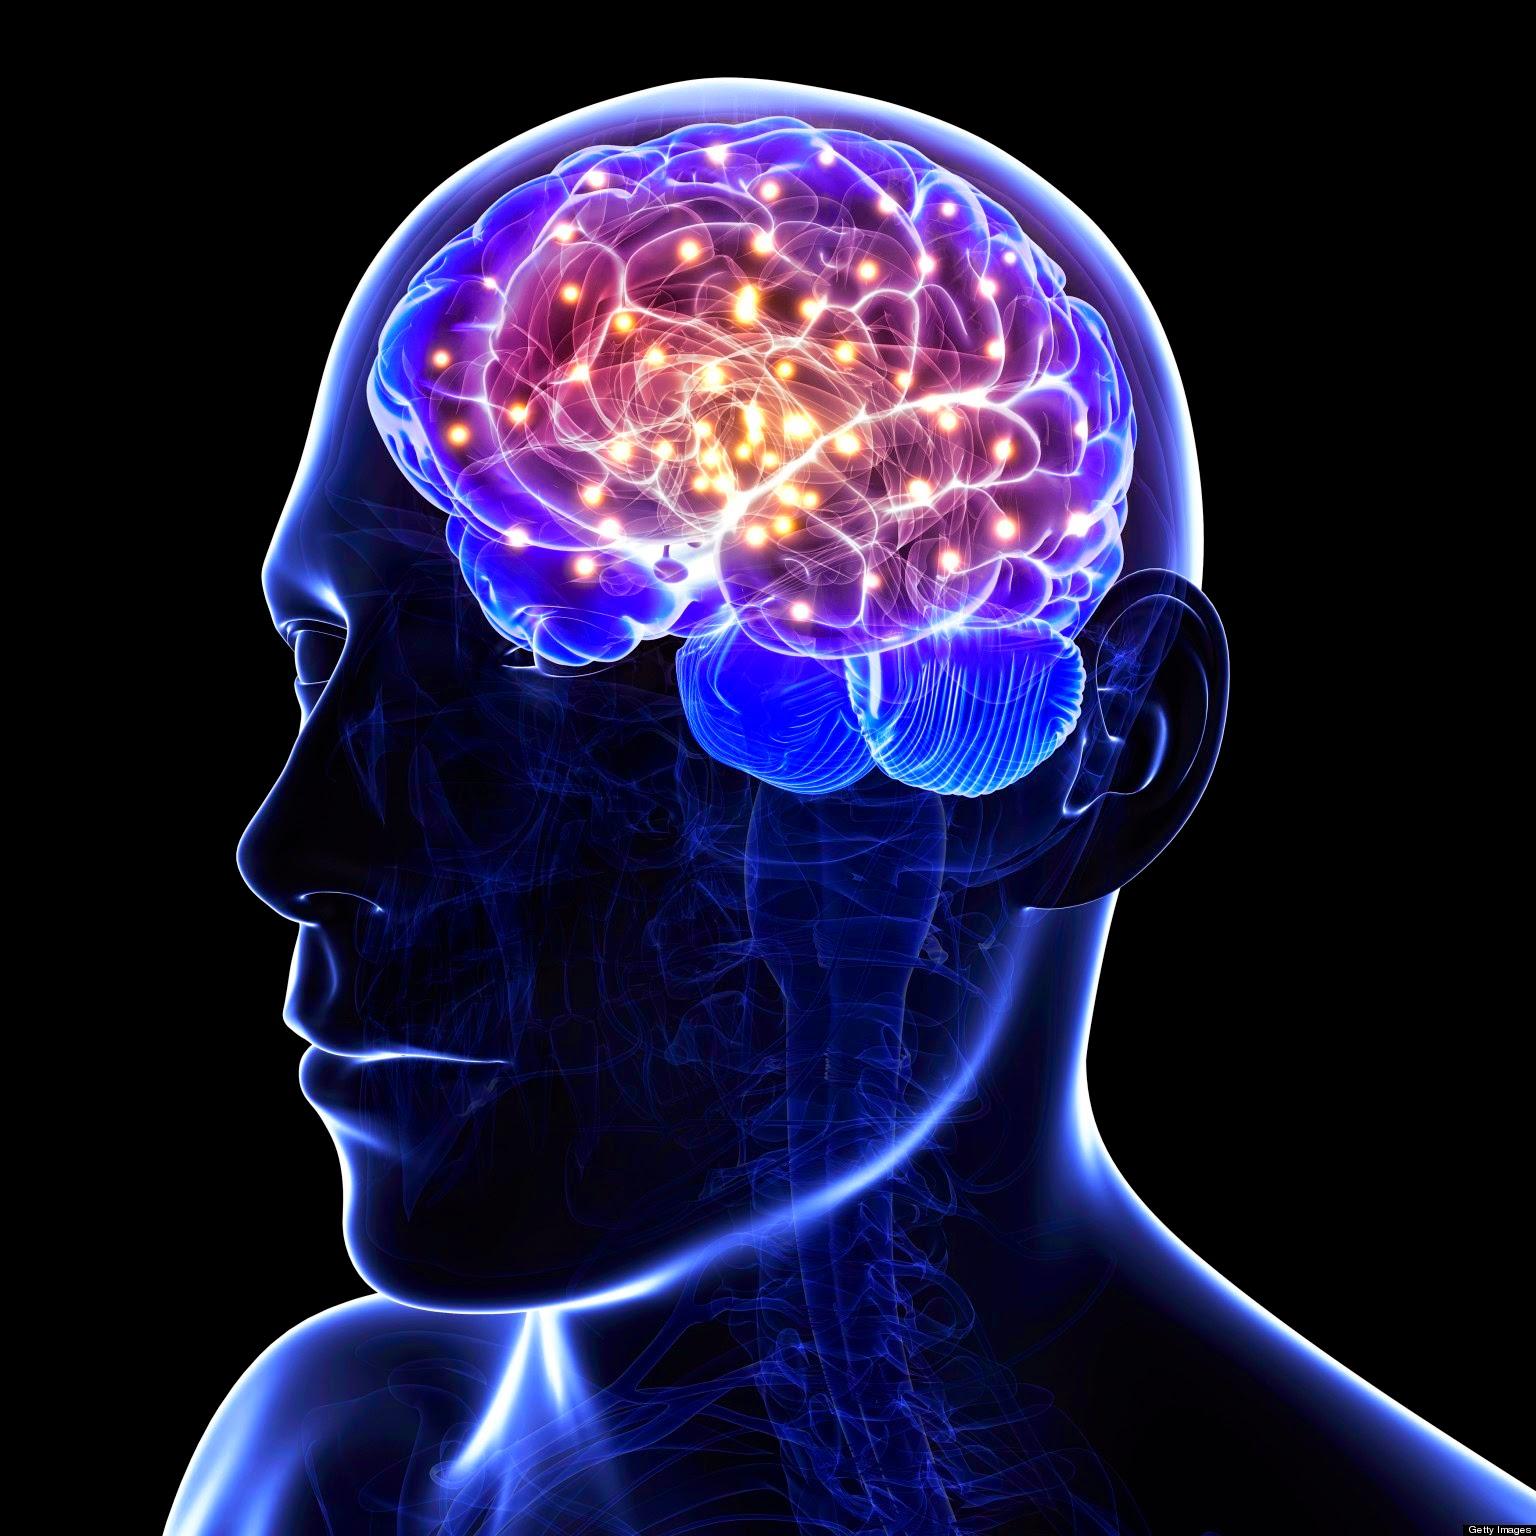 Πρωτοποριακή μέθοδος βελτιώνει τη μνήμη στη νόσο Αλτσχάιμερ